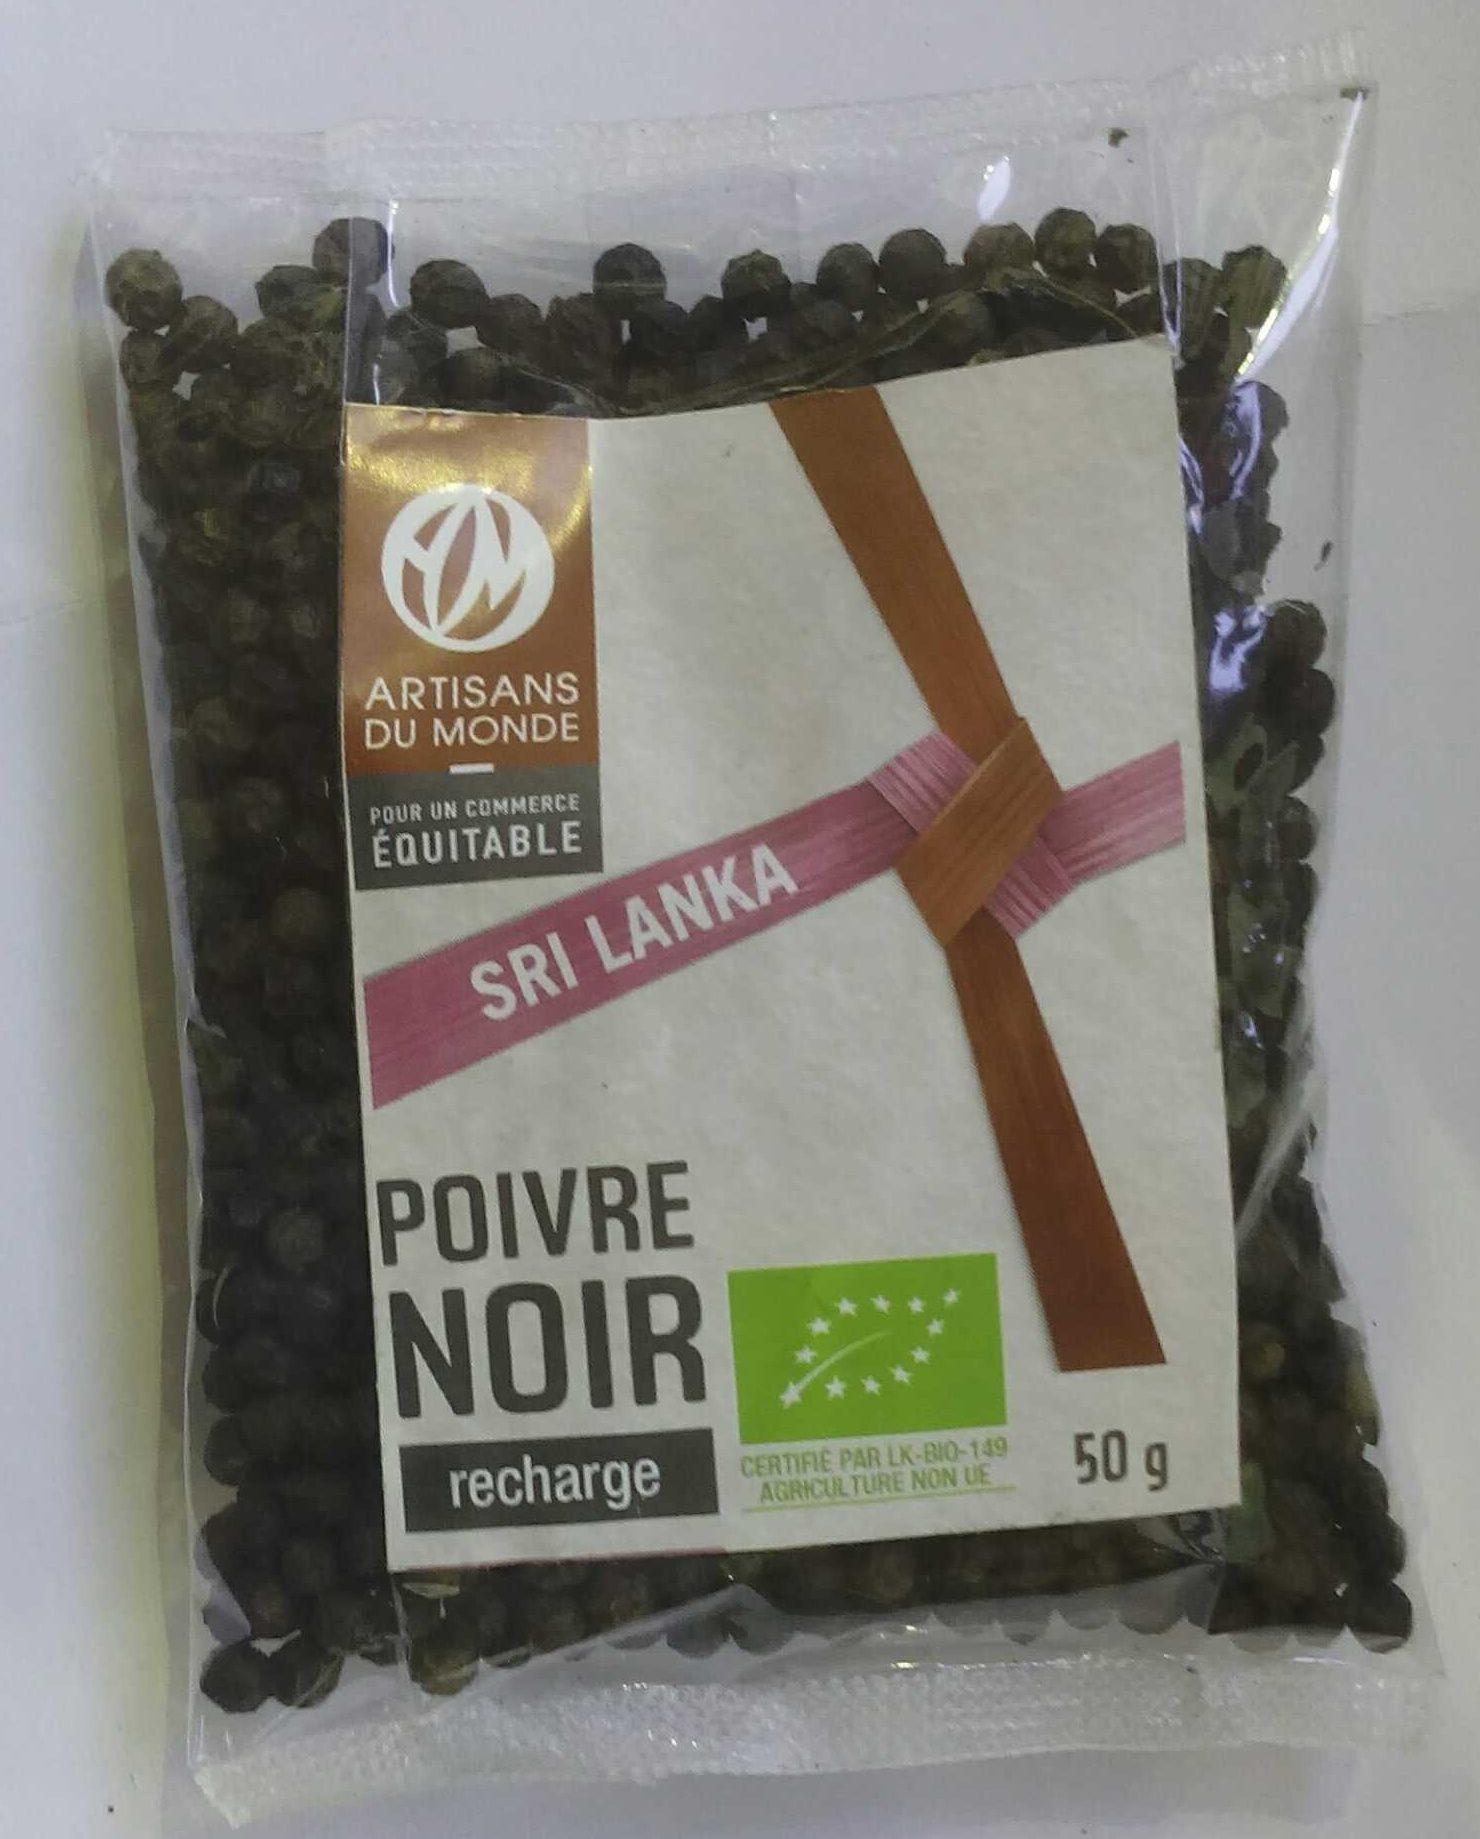 Poivre noir - Product - fr